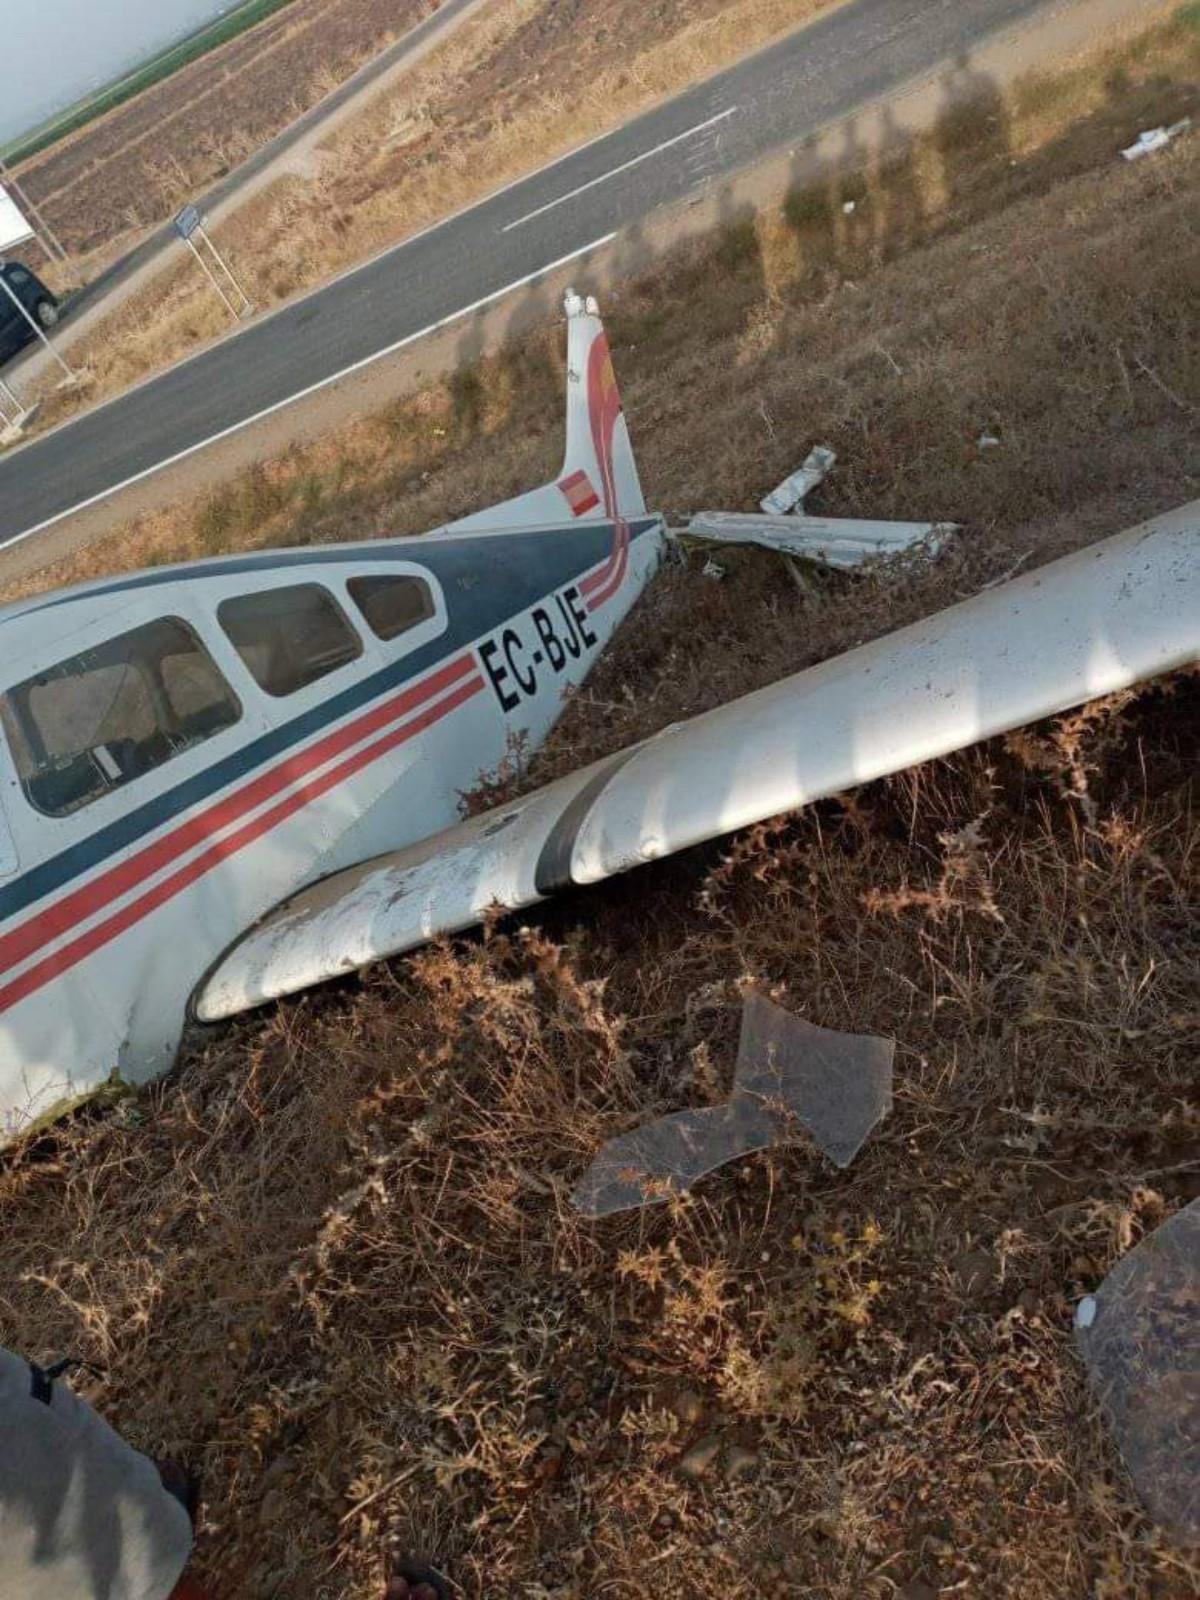 بالصور: سقوط طائرة خفيفة مشبوهة قريبا من مدينة القصر الكبير